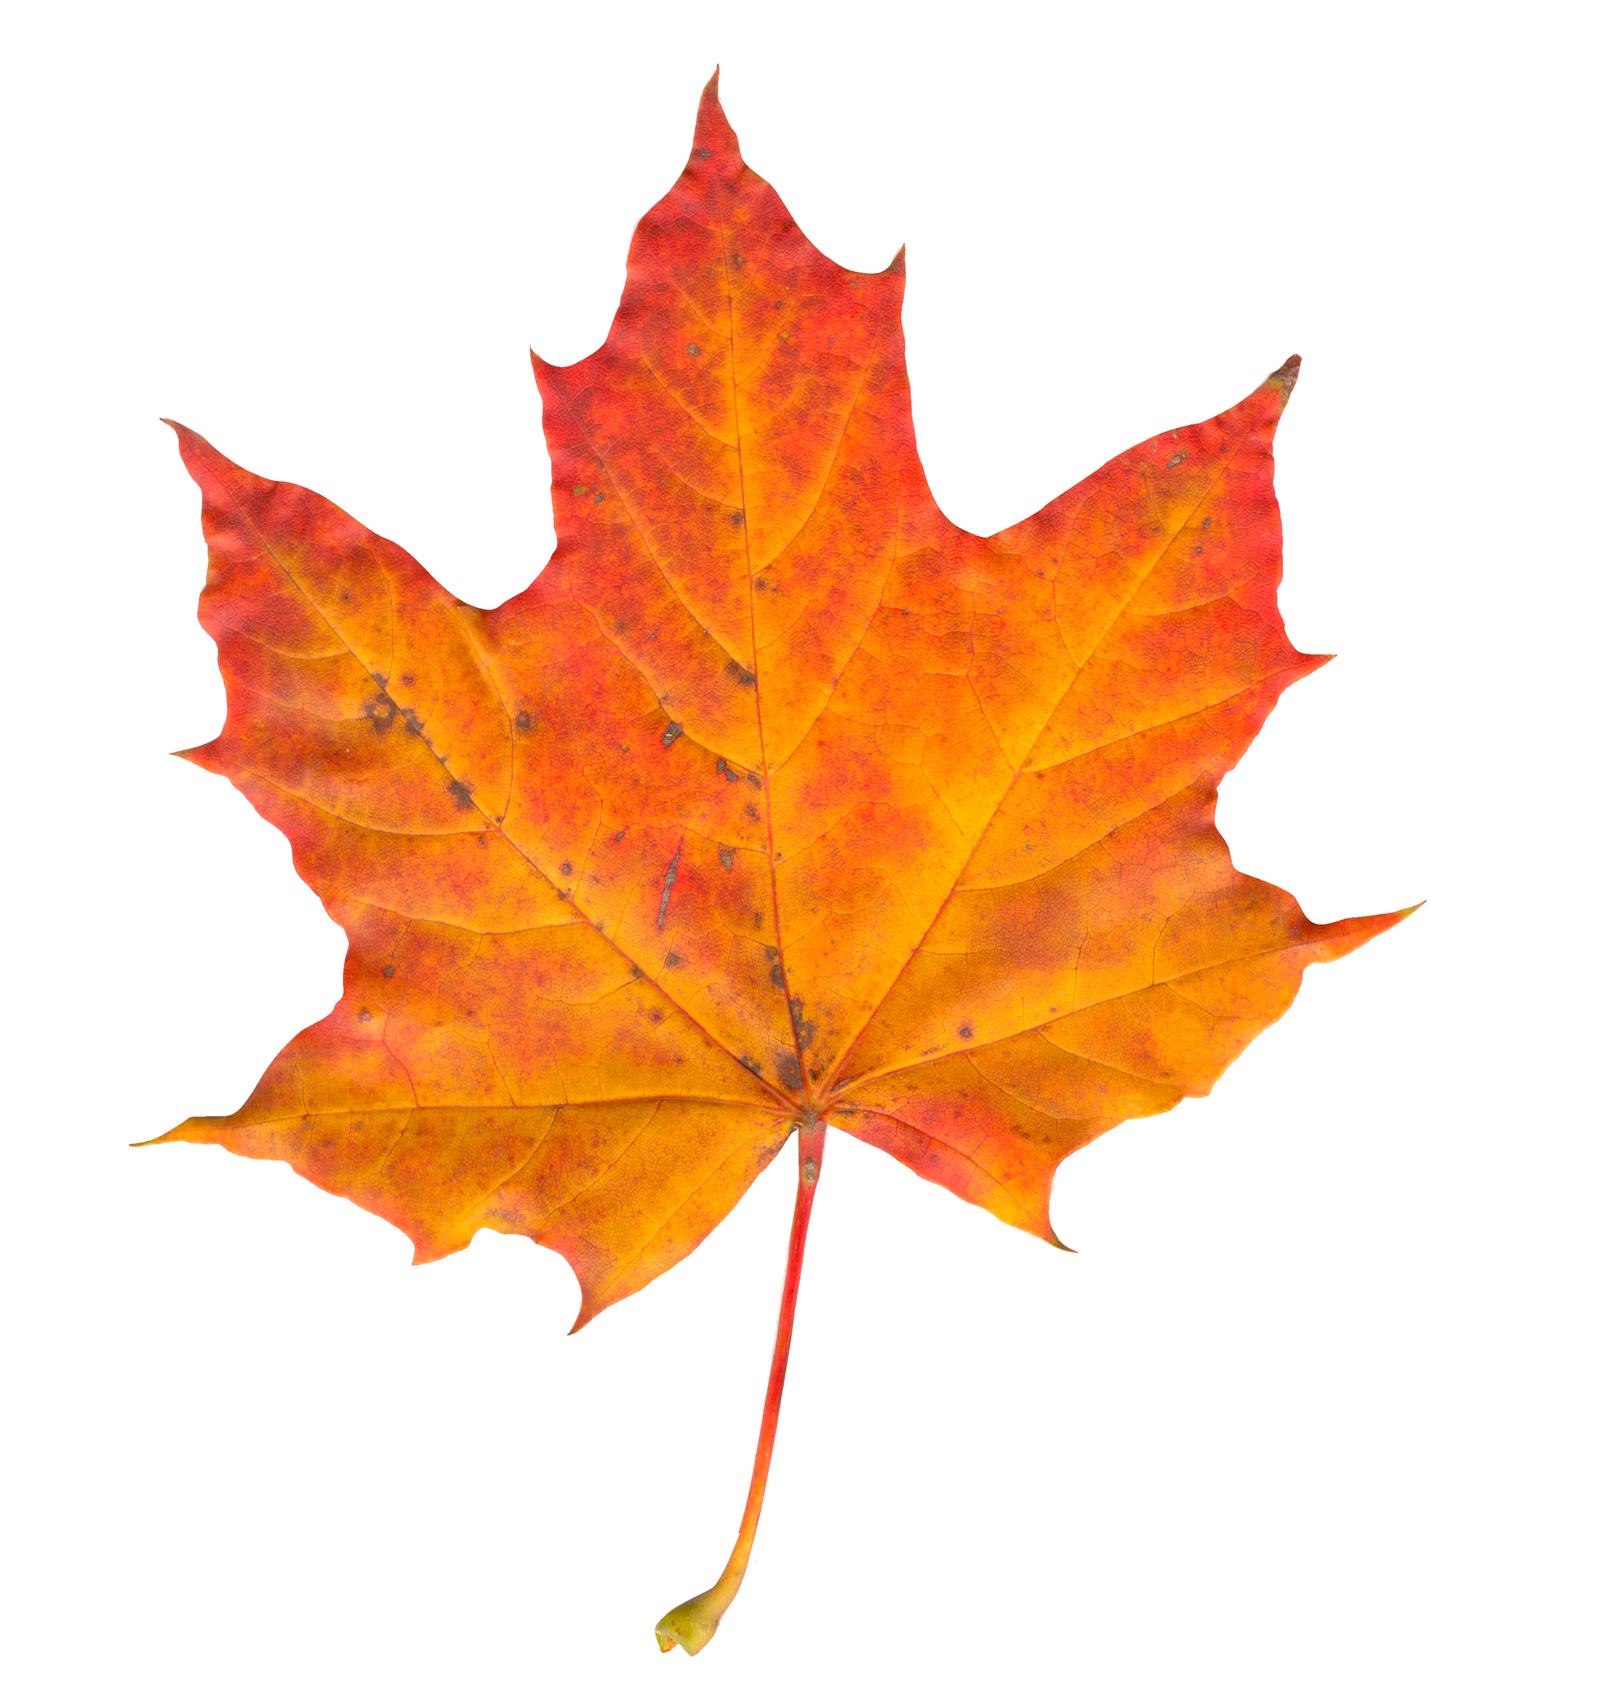 Pin De Eric Huang Em Destaques Folhas De Outono Folhagem Folhas